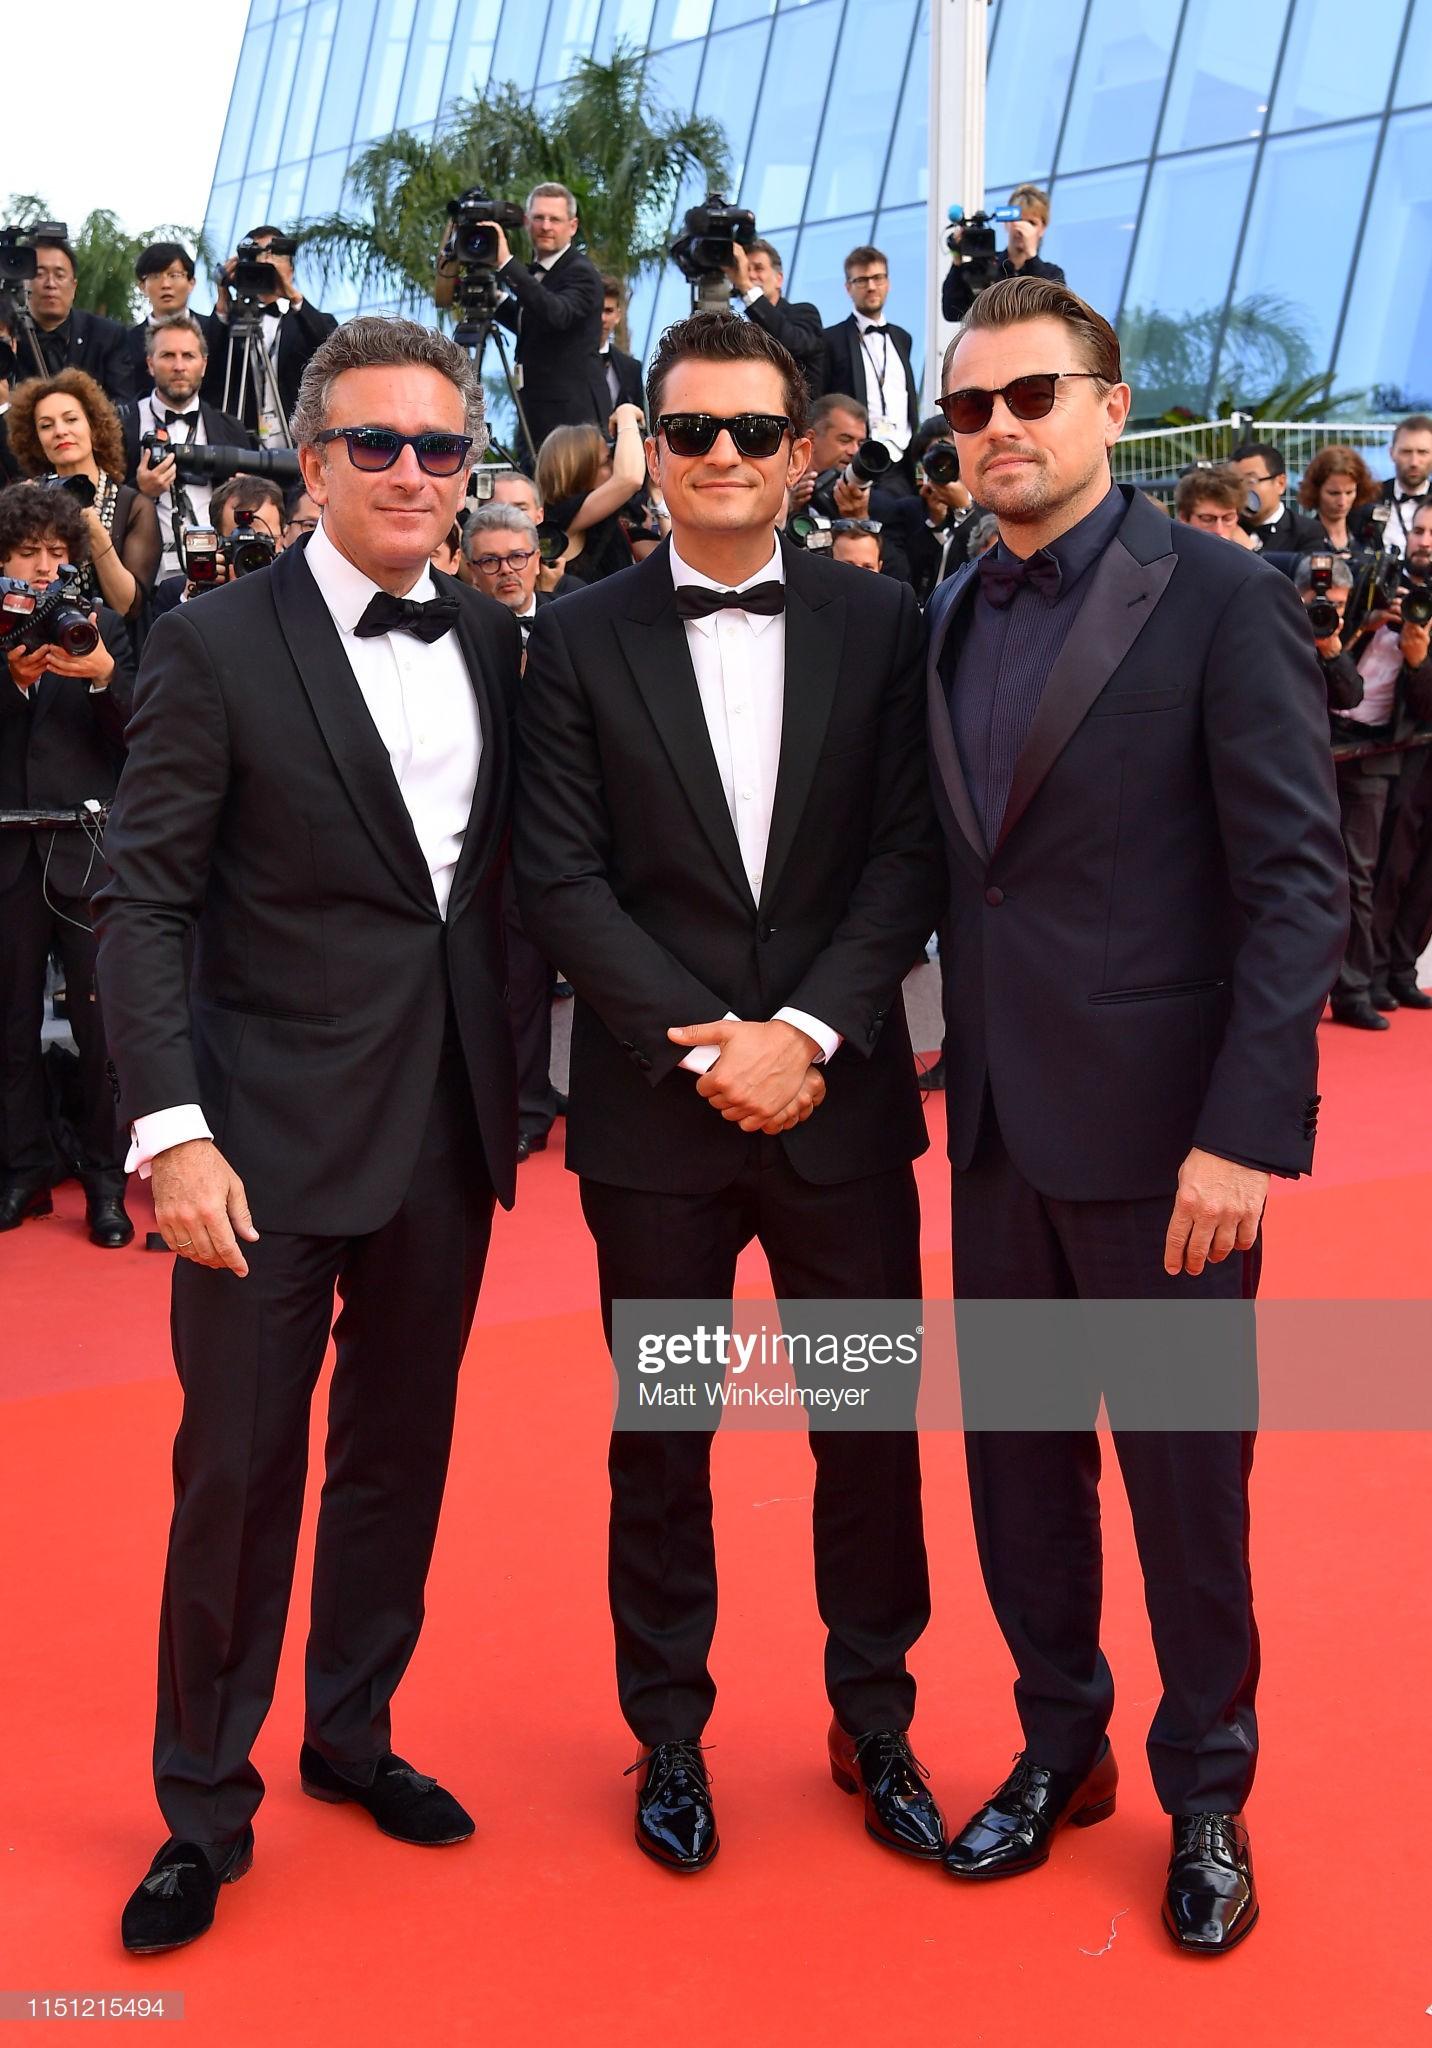 Thảm đỏ Cannes ngày 10: Các người đẹp thả rông ngực, cố tình làm trò lố vẫn bị truyền thông ngó lơ - Ảnh 2.